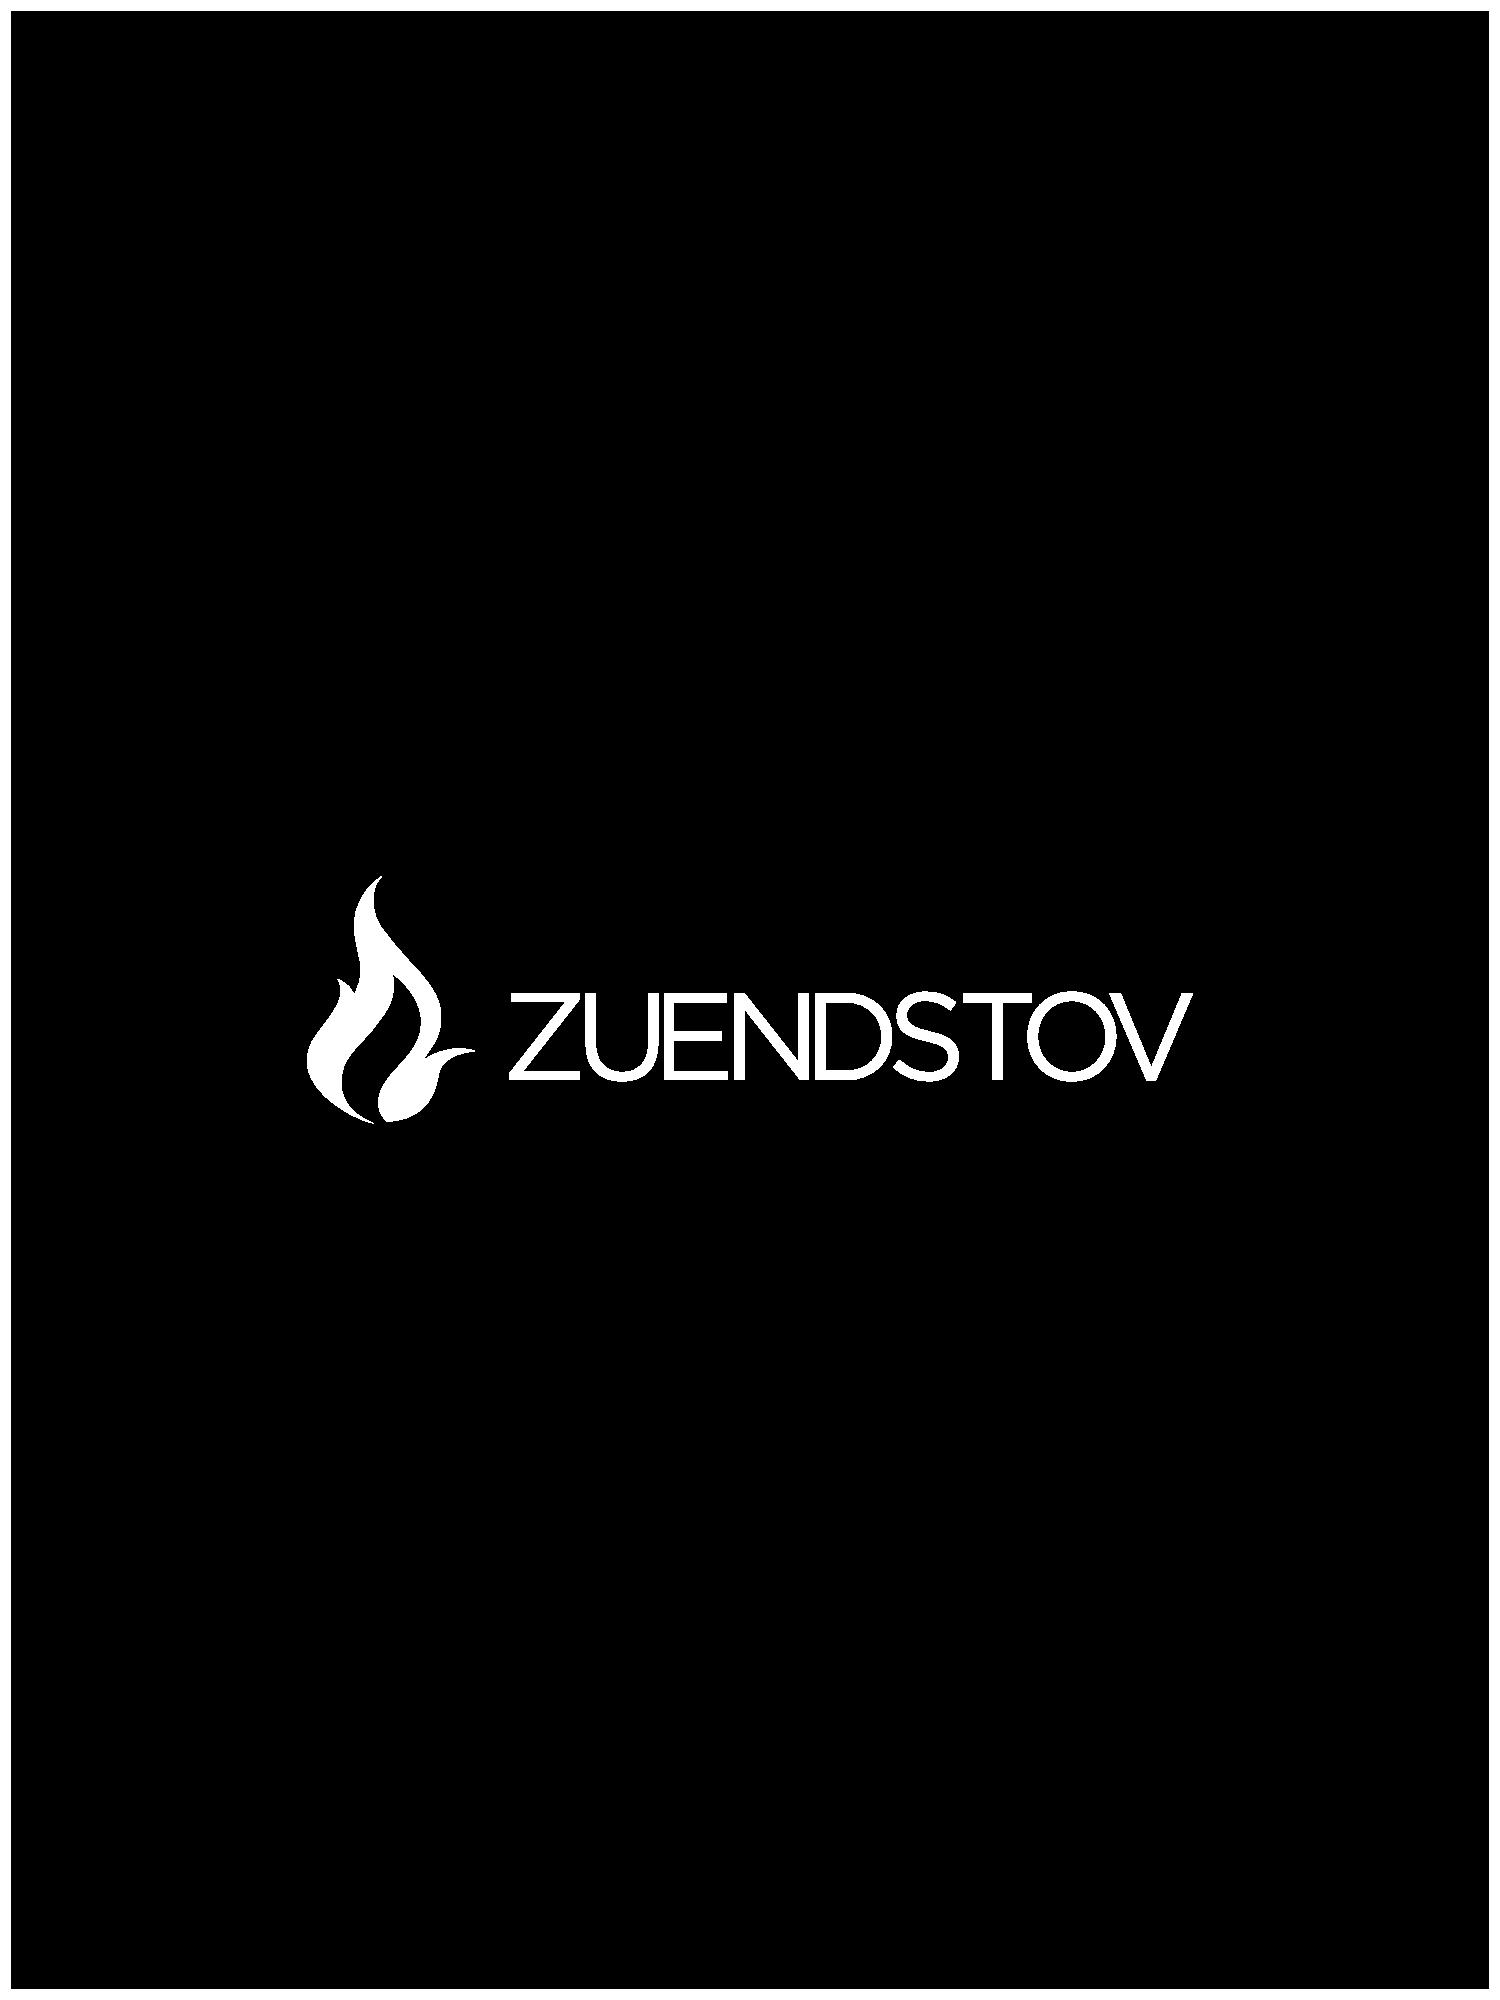 uendstov.png